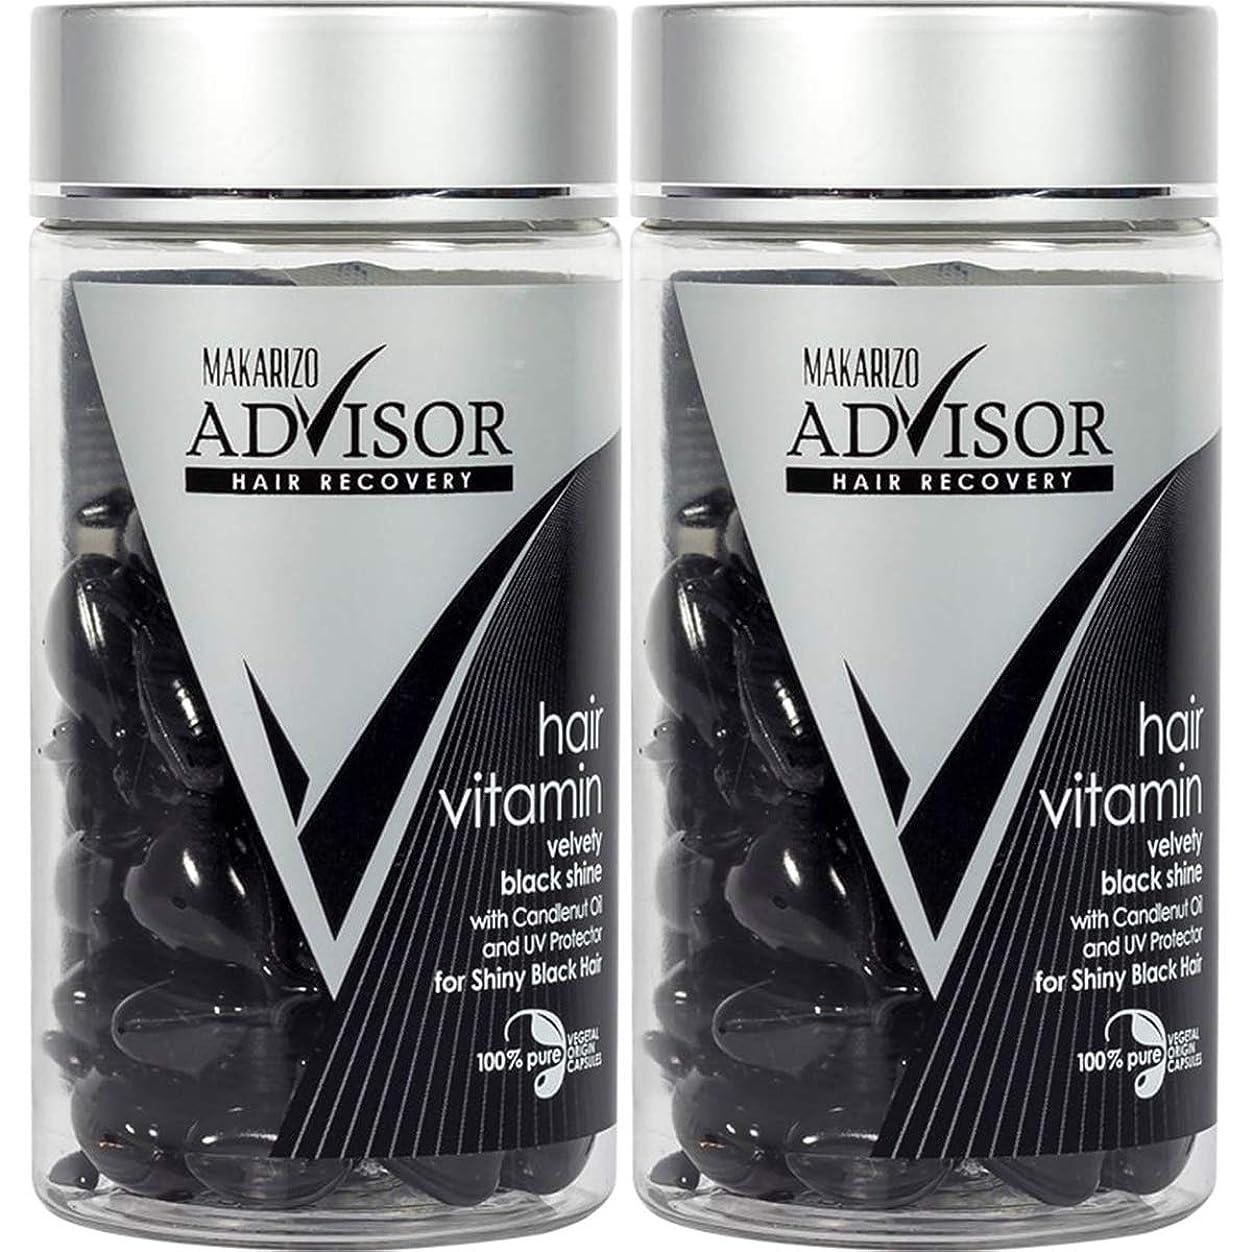 等しいマトン吸うMAKARIZO マカリゾ Advisor アドバイザー Hair Vitamin ヘアビタミン 50粒入ボトル×2個セット Velvety Black Shine ブラック [海外直送品]